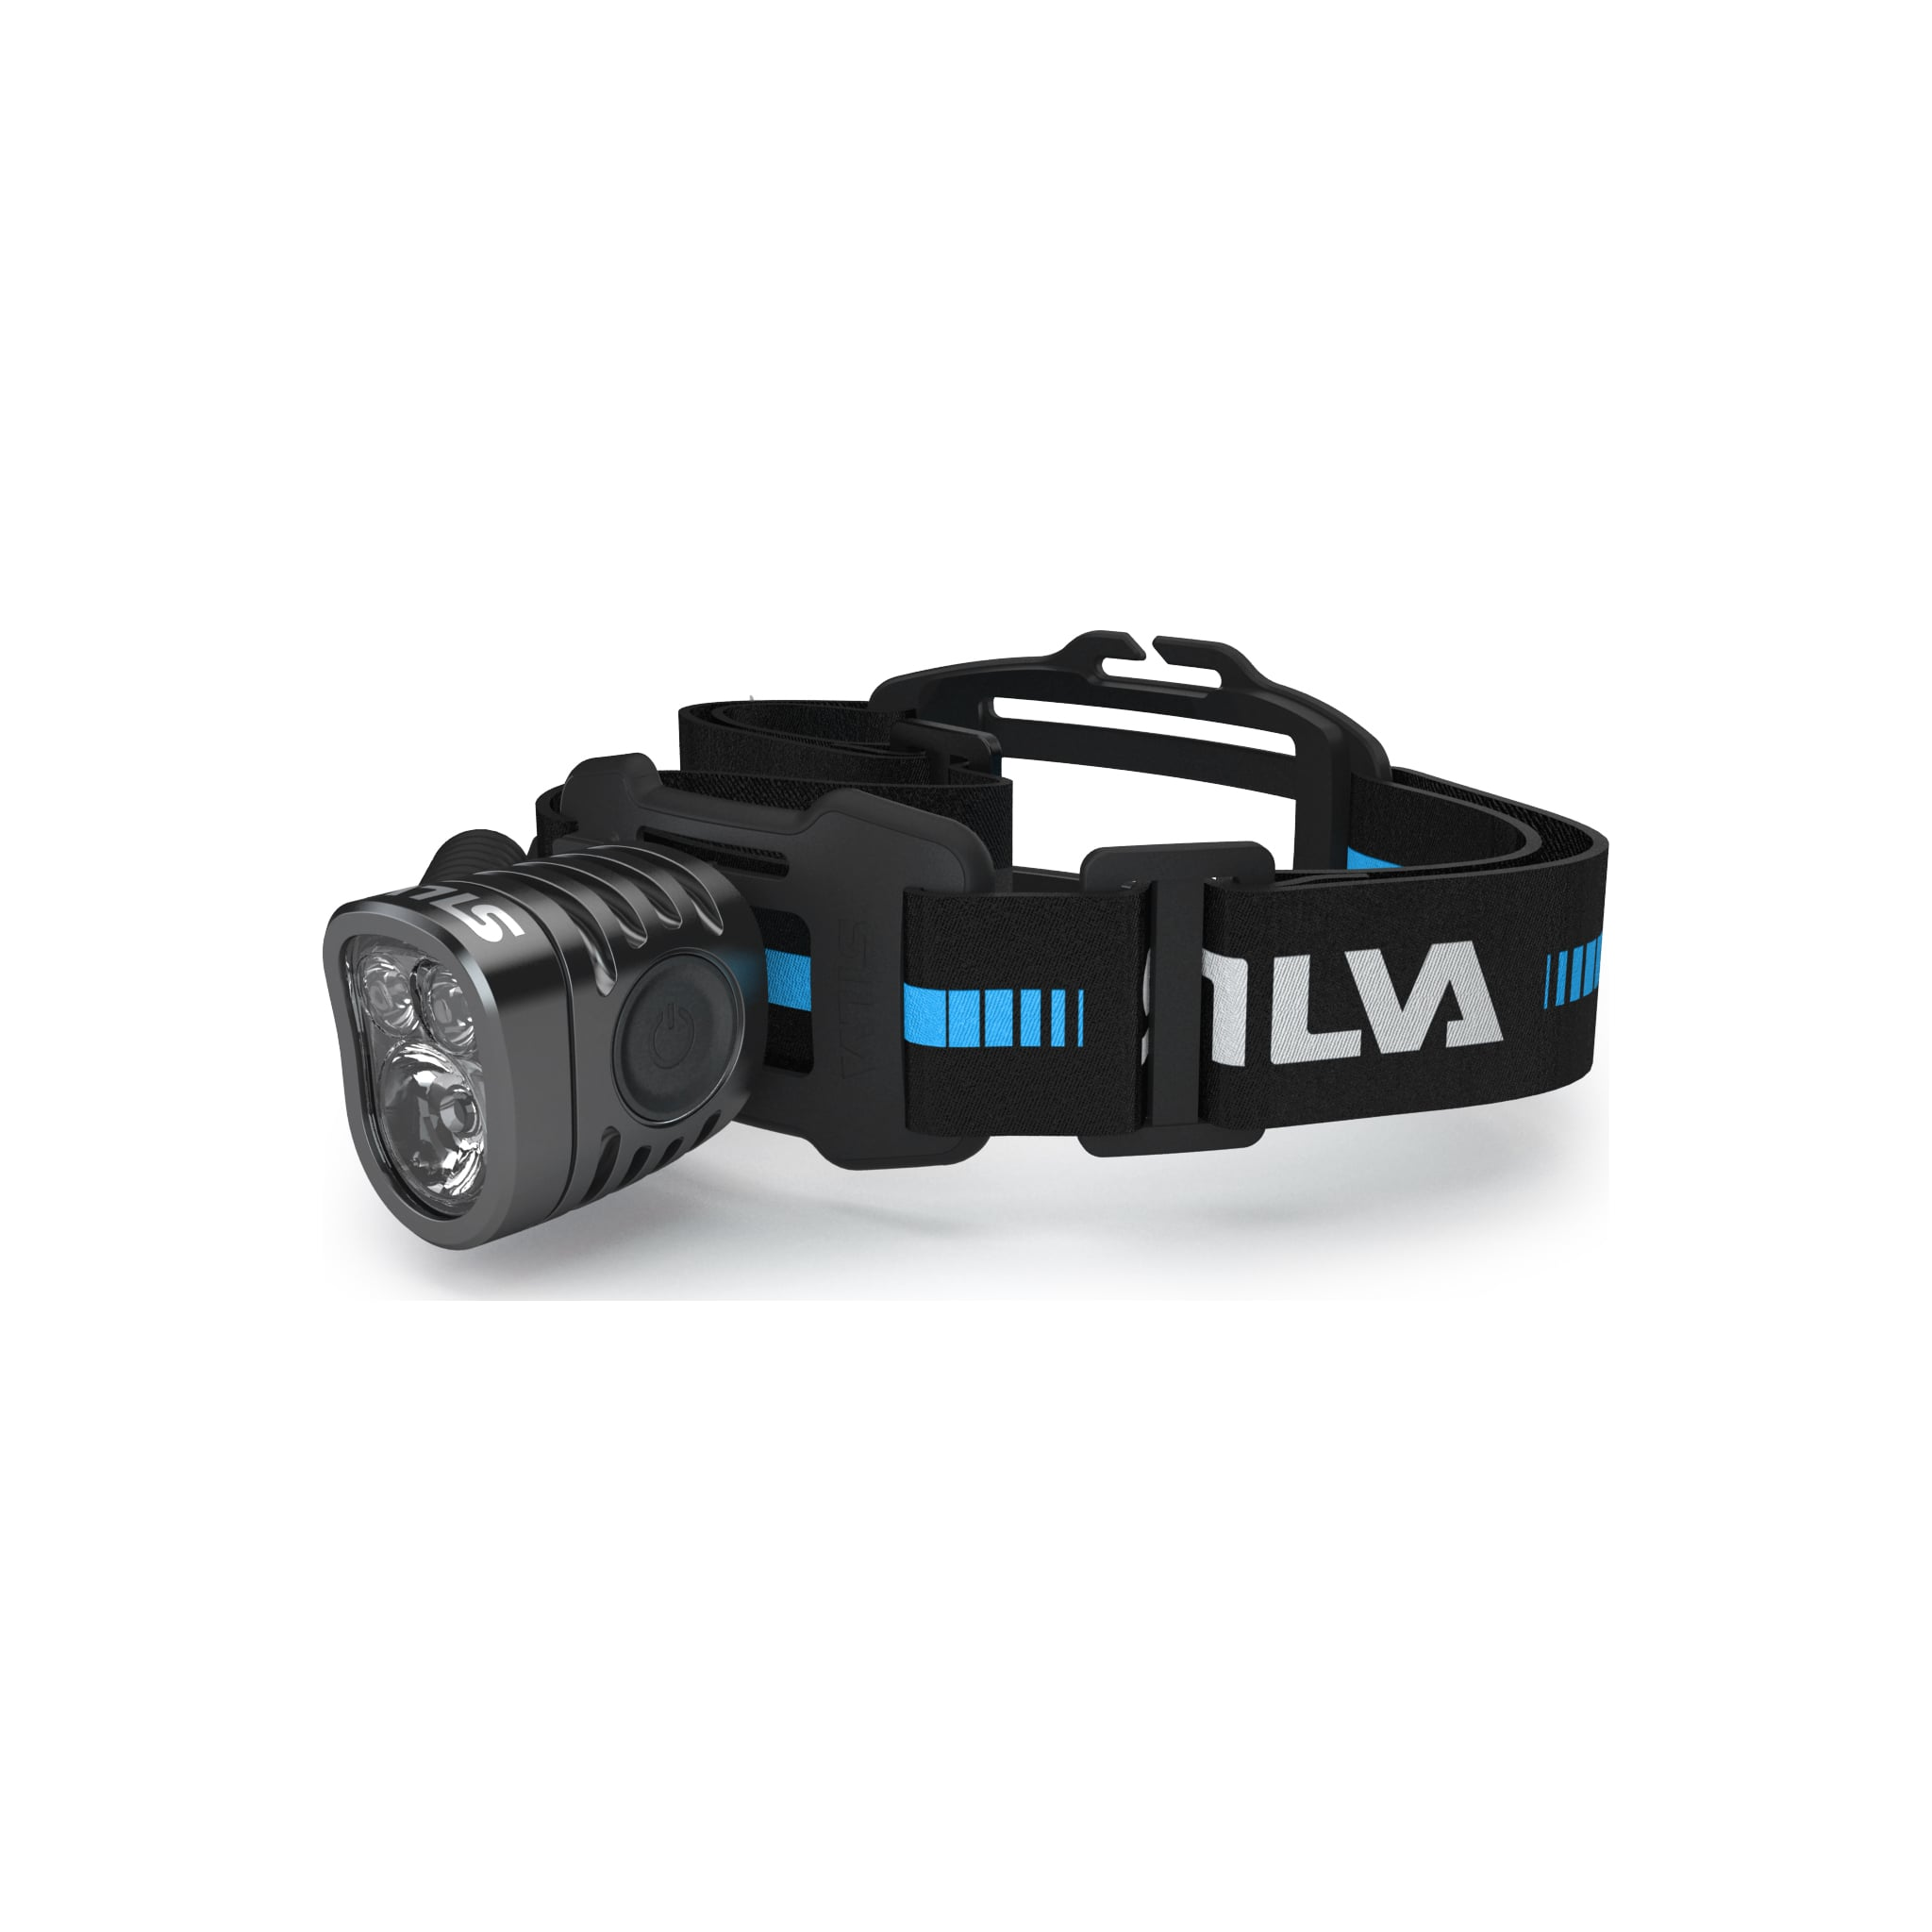 Kombinerer det kraftigste lyset med en kompakt og lett batteripakke